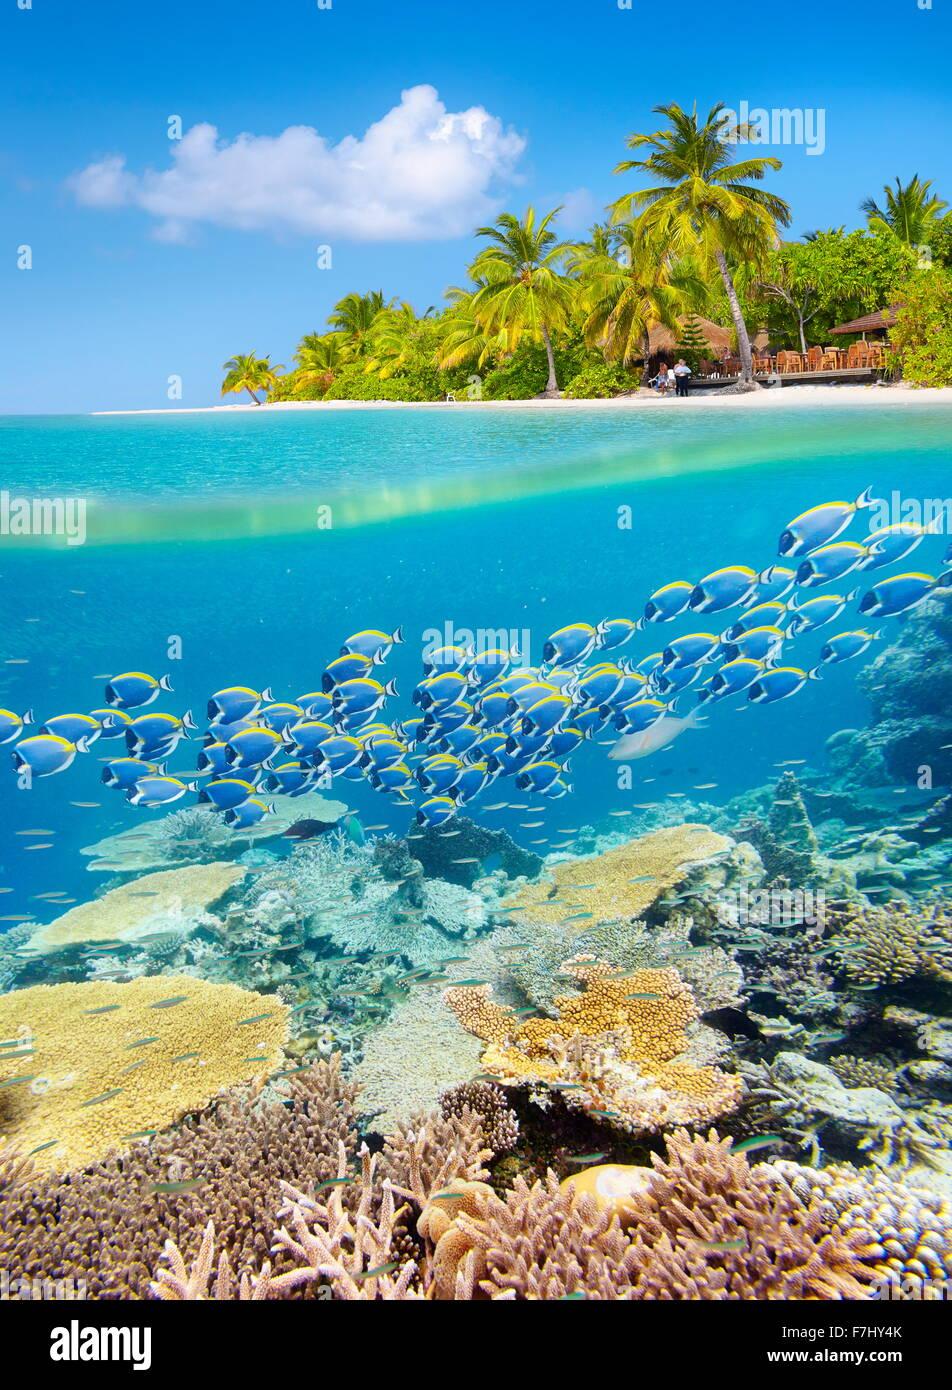 Malediven Insel - tropischen Unterwasser-Blick mit Riff Stockbild